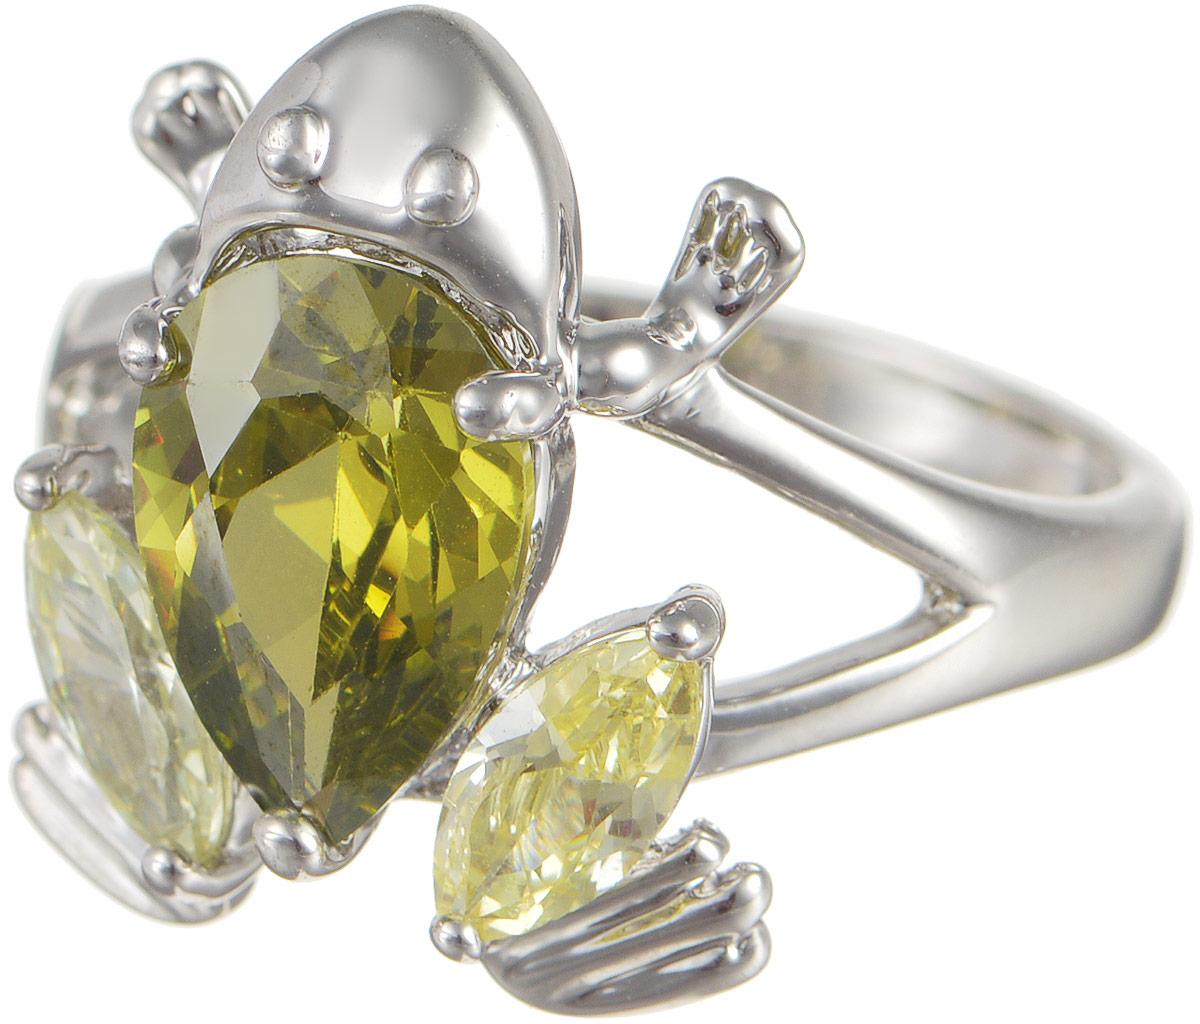 Кольцо женское Taya, цвет: серебристый, зеленый. T-B-4823T-B-4823-RING-RH.GREENОригинальное кольцо Taya выполнено из бижутерного сплава оформлено в виде лягушки и дополнено цирконами. Такое кольцо это блестящее завершение вашего неповторимого и смелого образа и отличный подарок для ценительницы необычных украшений!